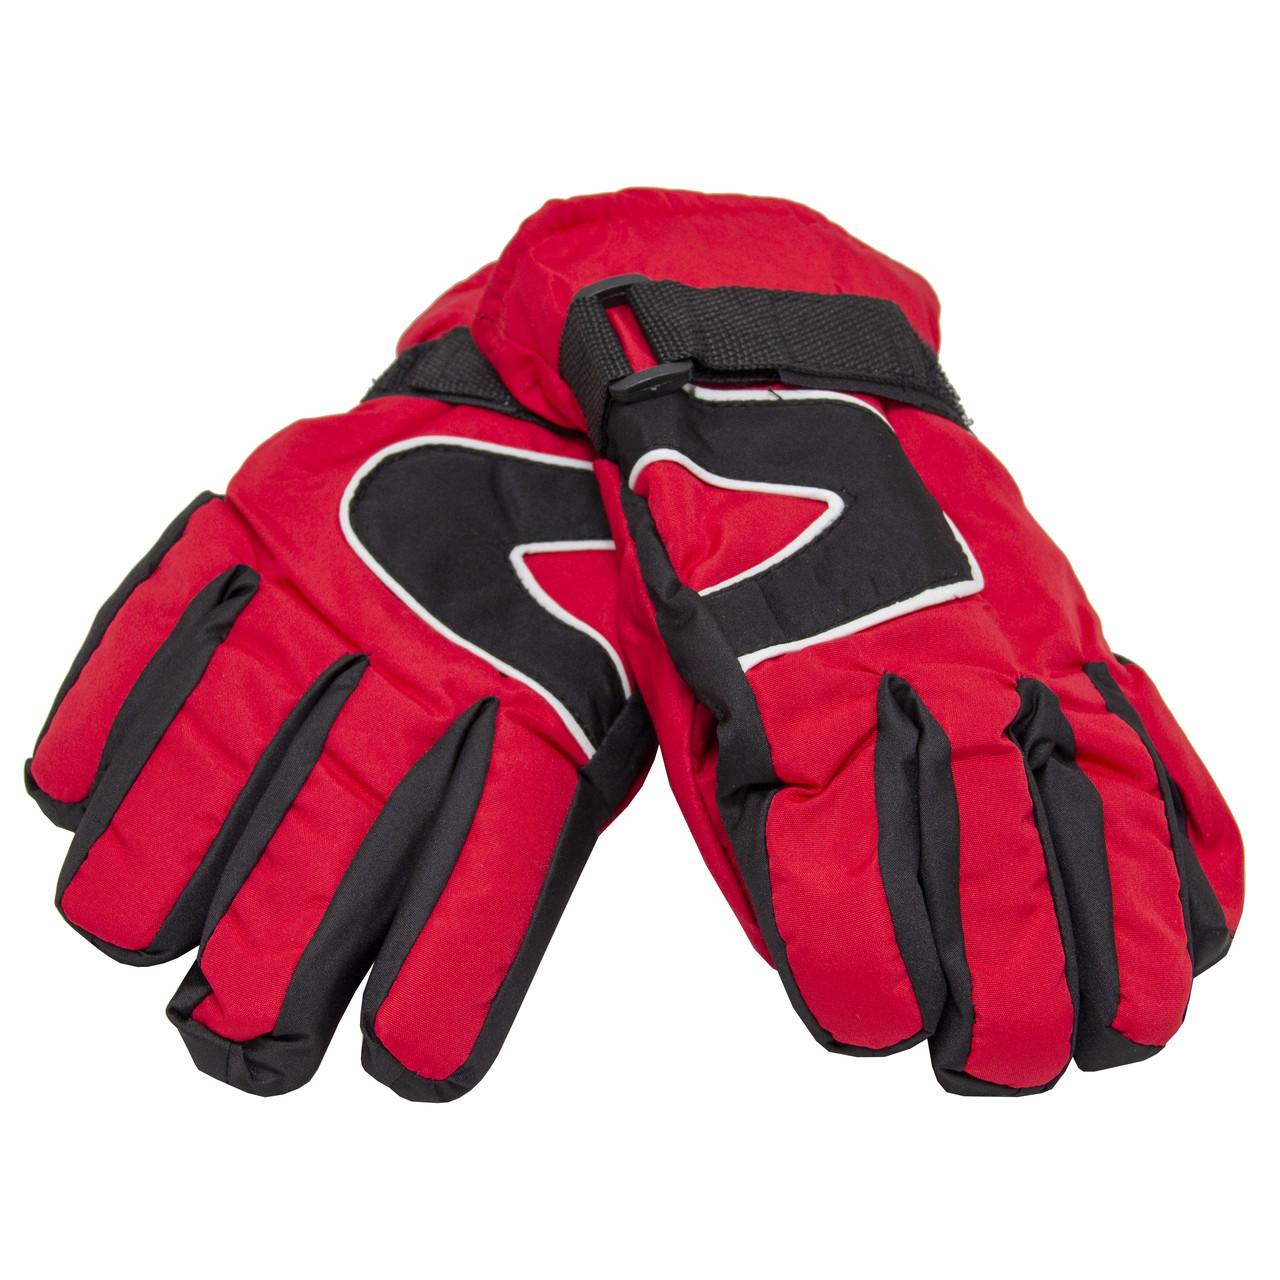 Водоотталкивающие детские лыжные перчатки, размер 13, красный, плащевка, флис, синтепон (517090)